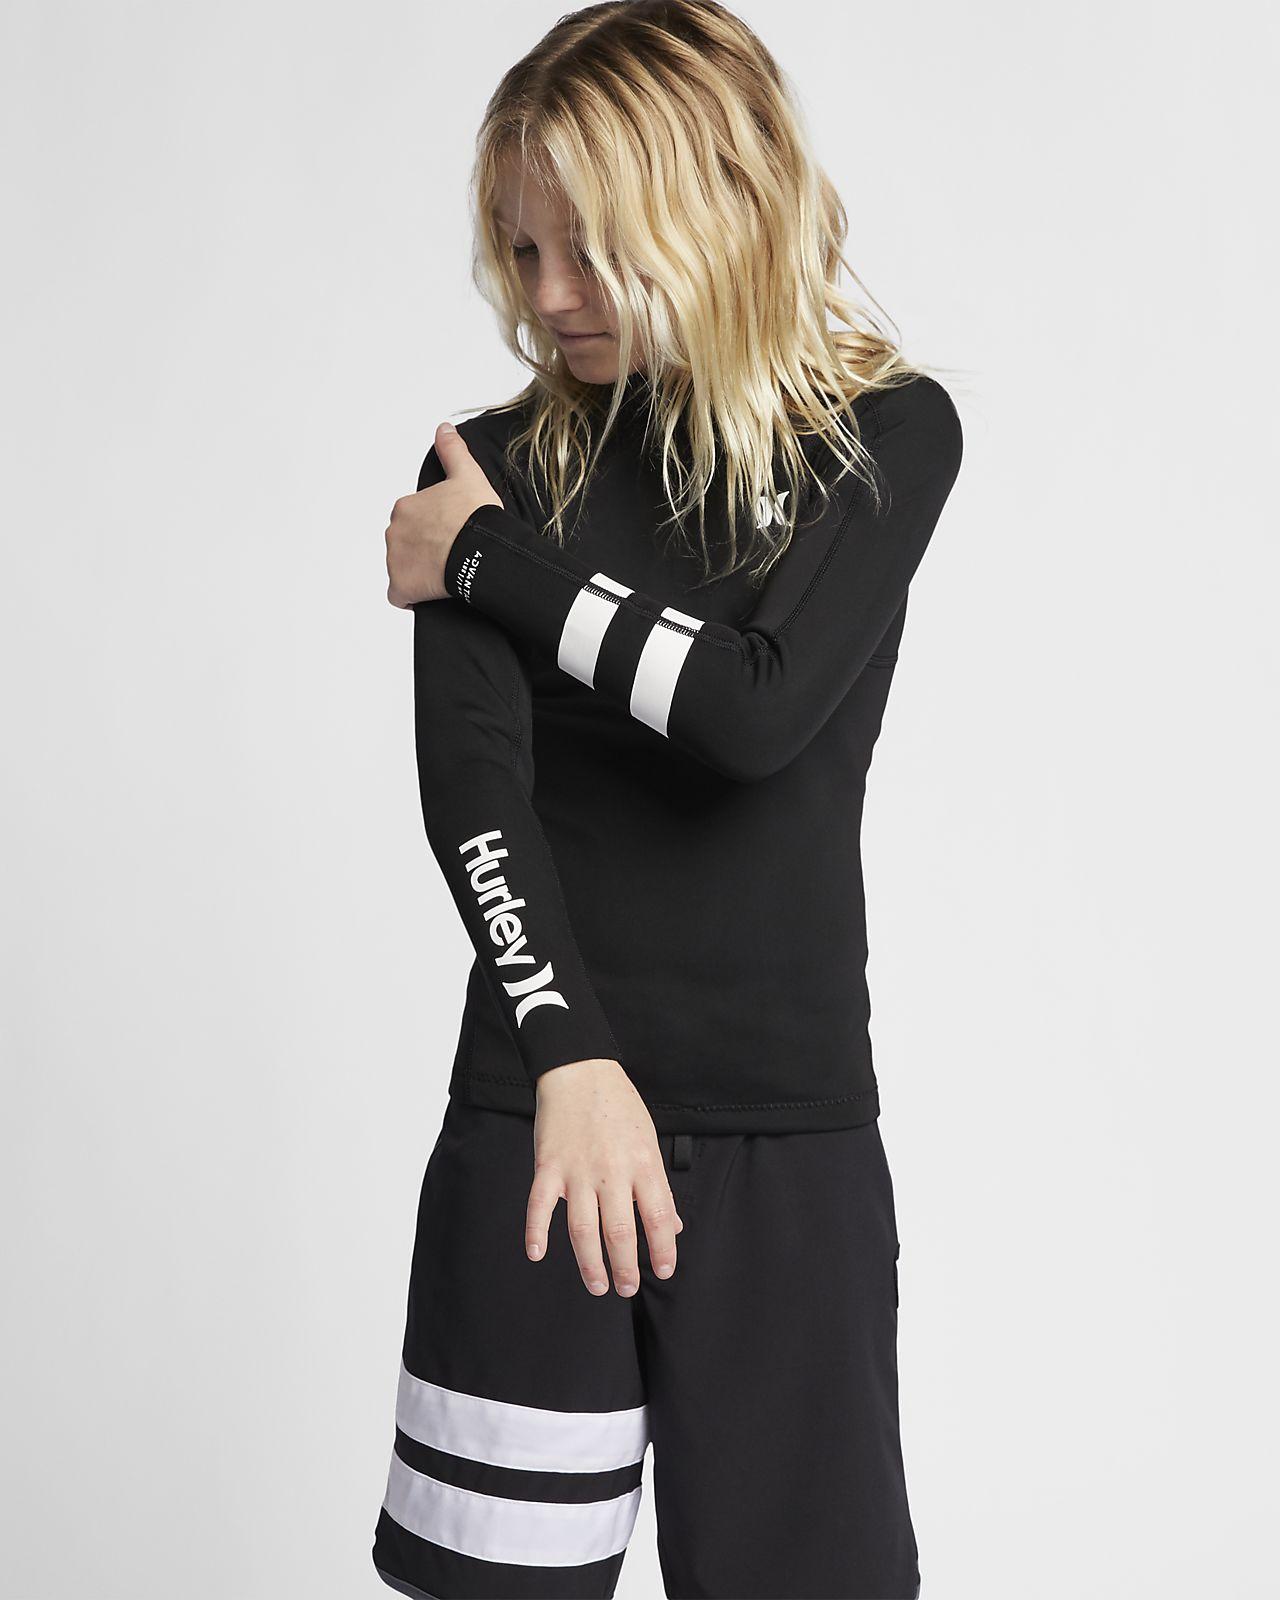 Hurley Advantage Plus 1/1MM Jacket Neoprenanzug für ältere Kinder (Unisex)